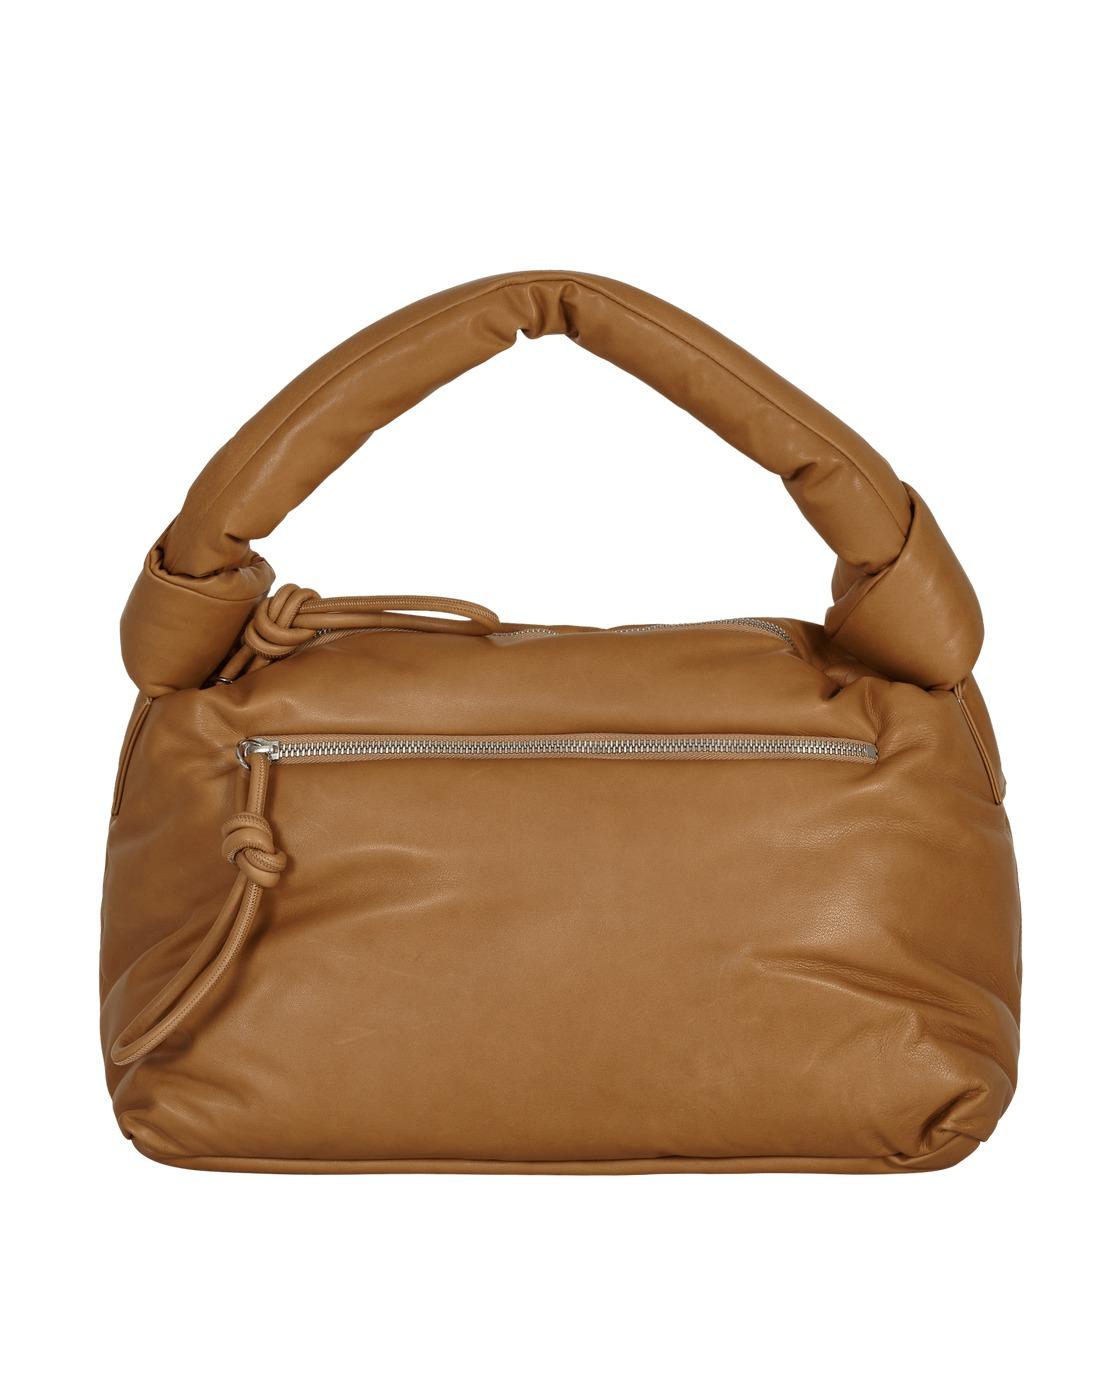 Photo: Dries Van Noten Leather Tote Bag Beige